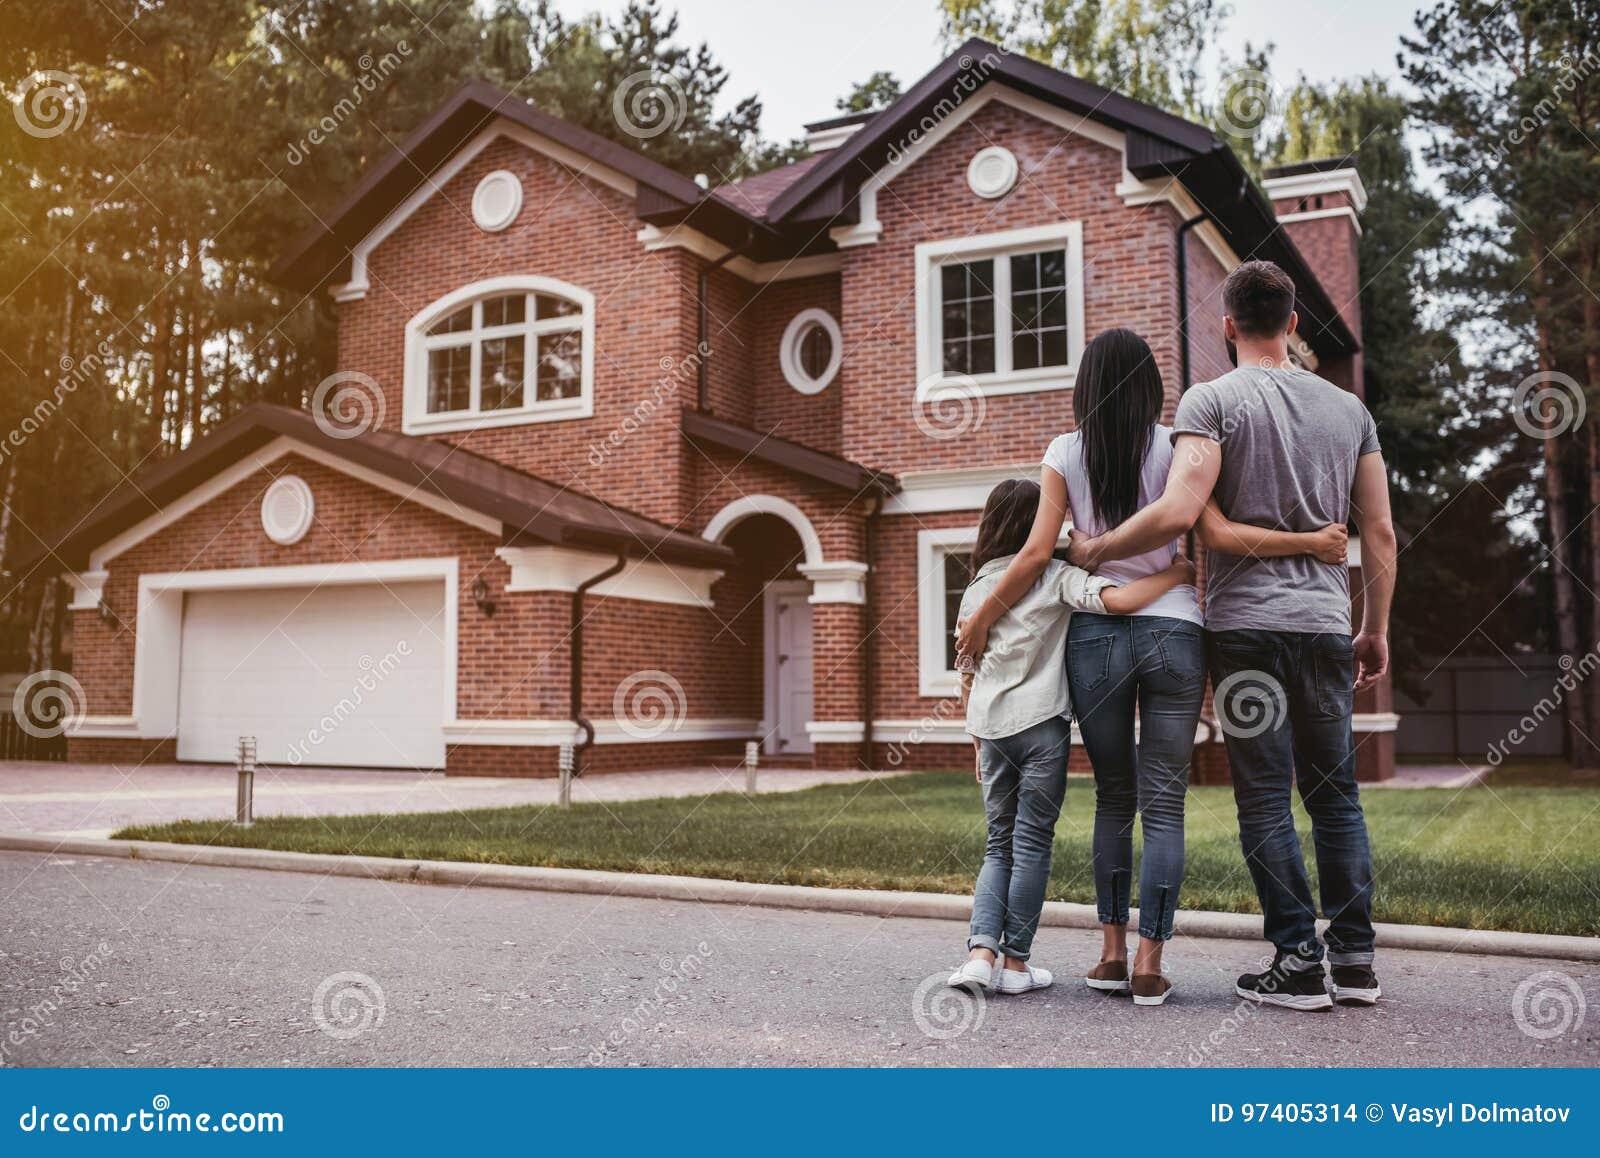 Glückliche Familie draußen